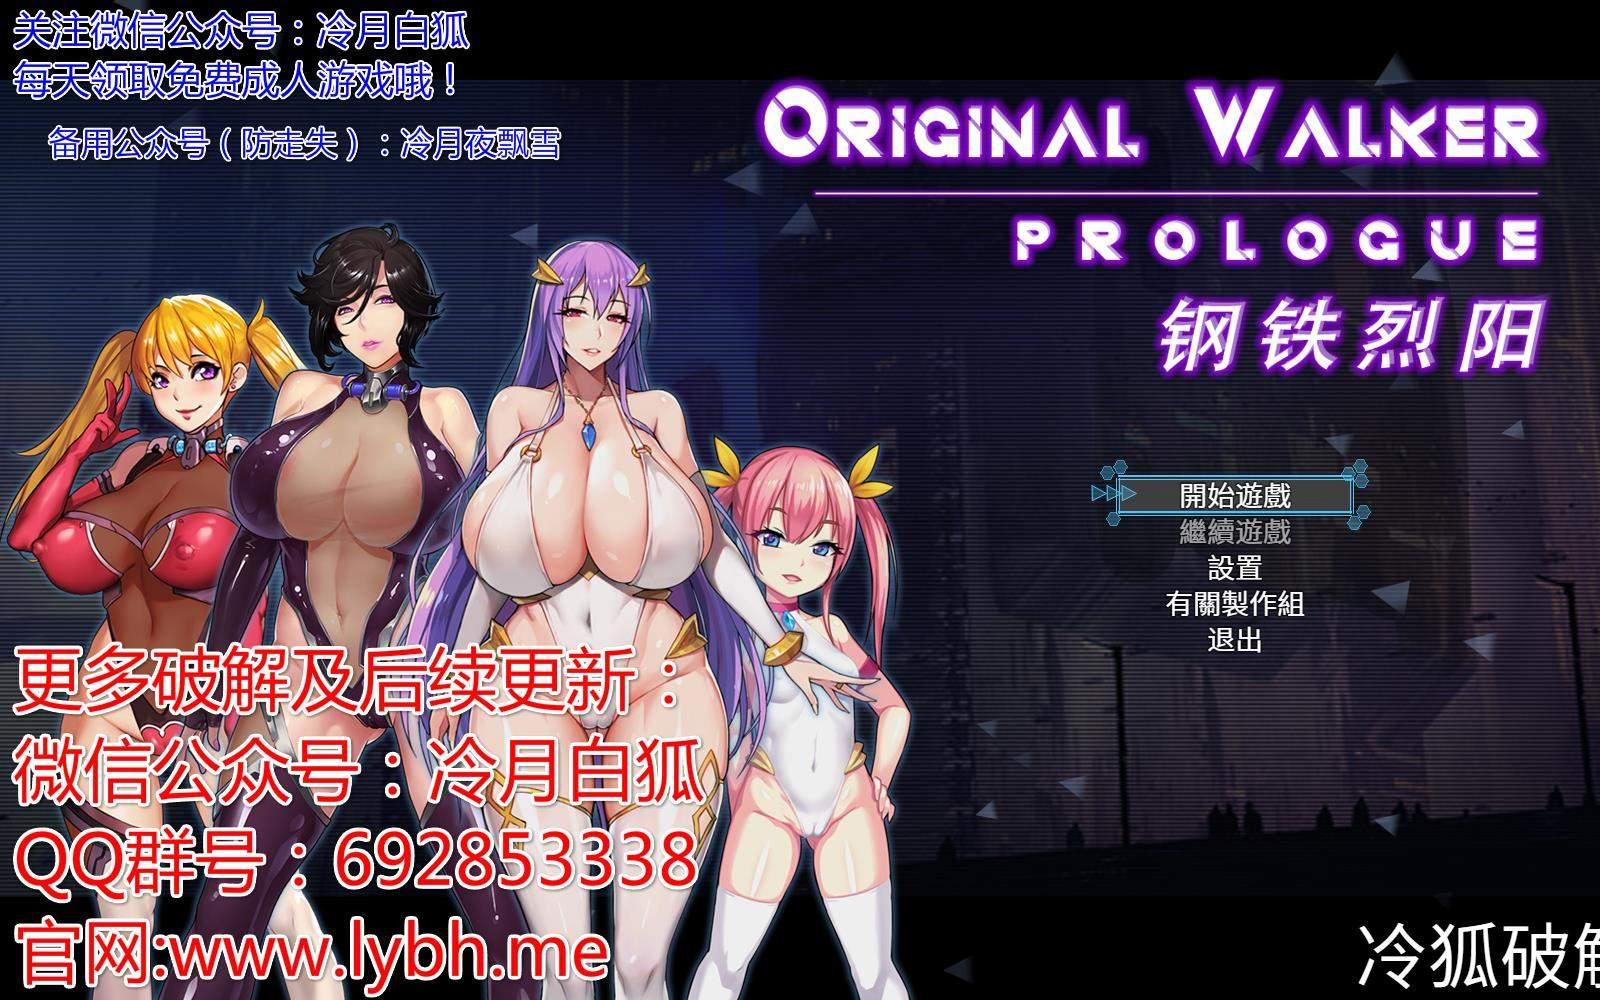 钢铁烈阳 OriginalWalker:Prologue 中文步兵作弊修改版+存档 电脑端-第1张